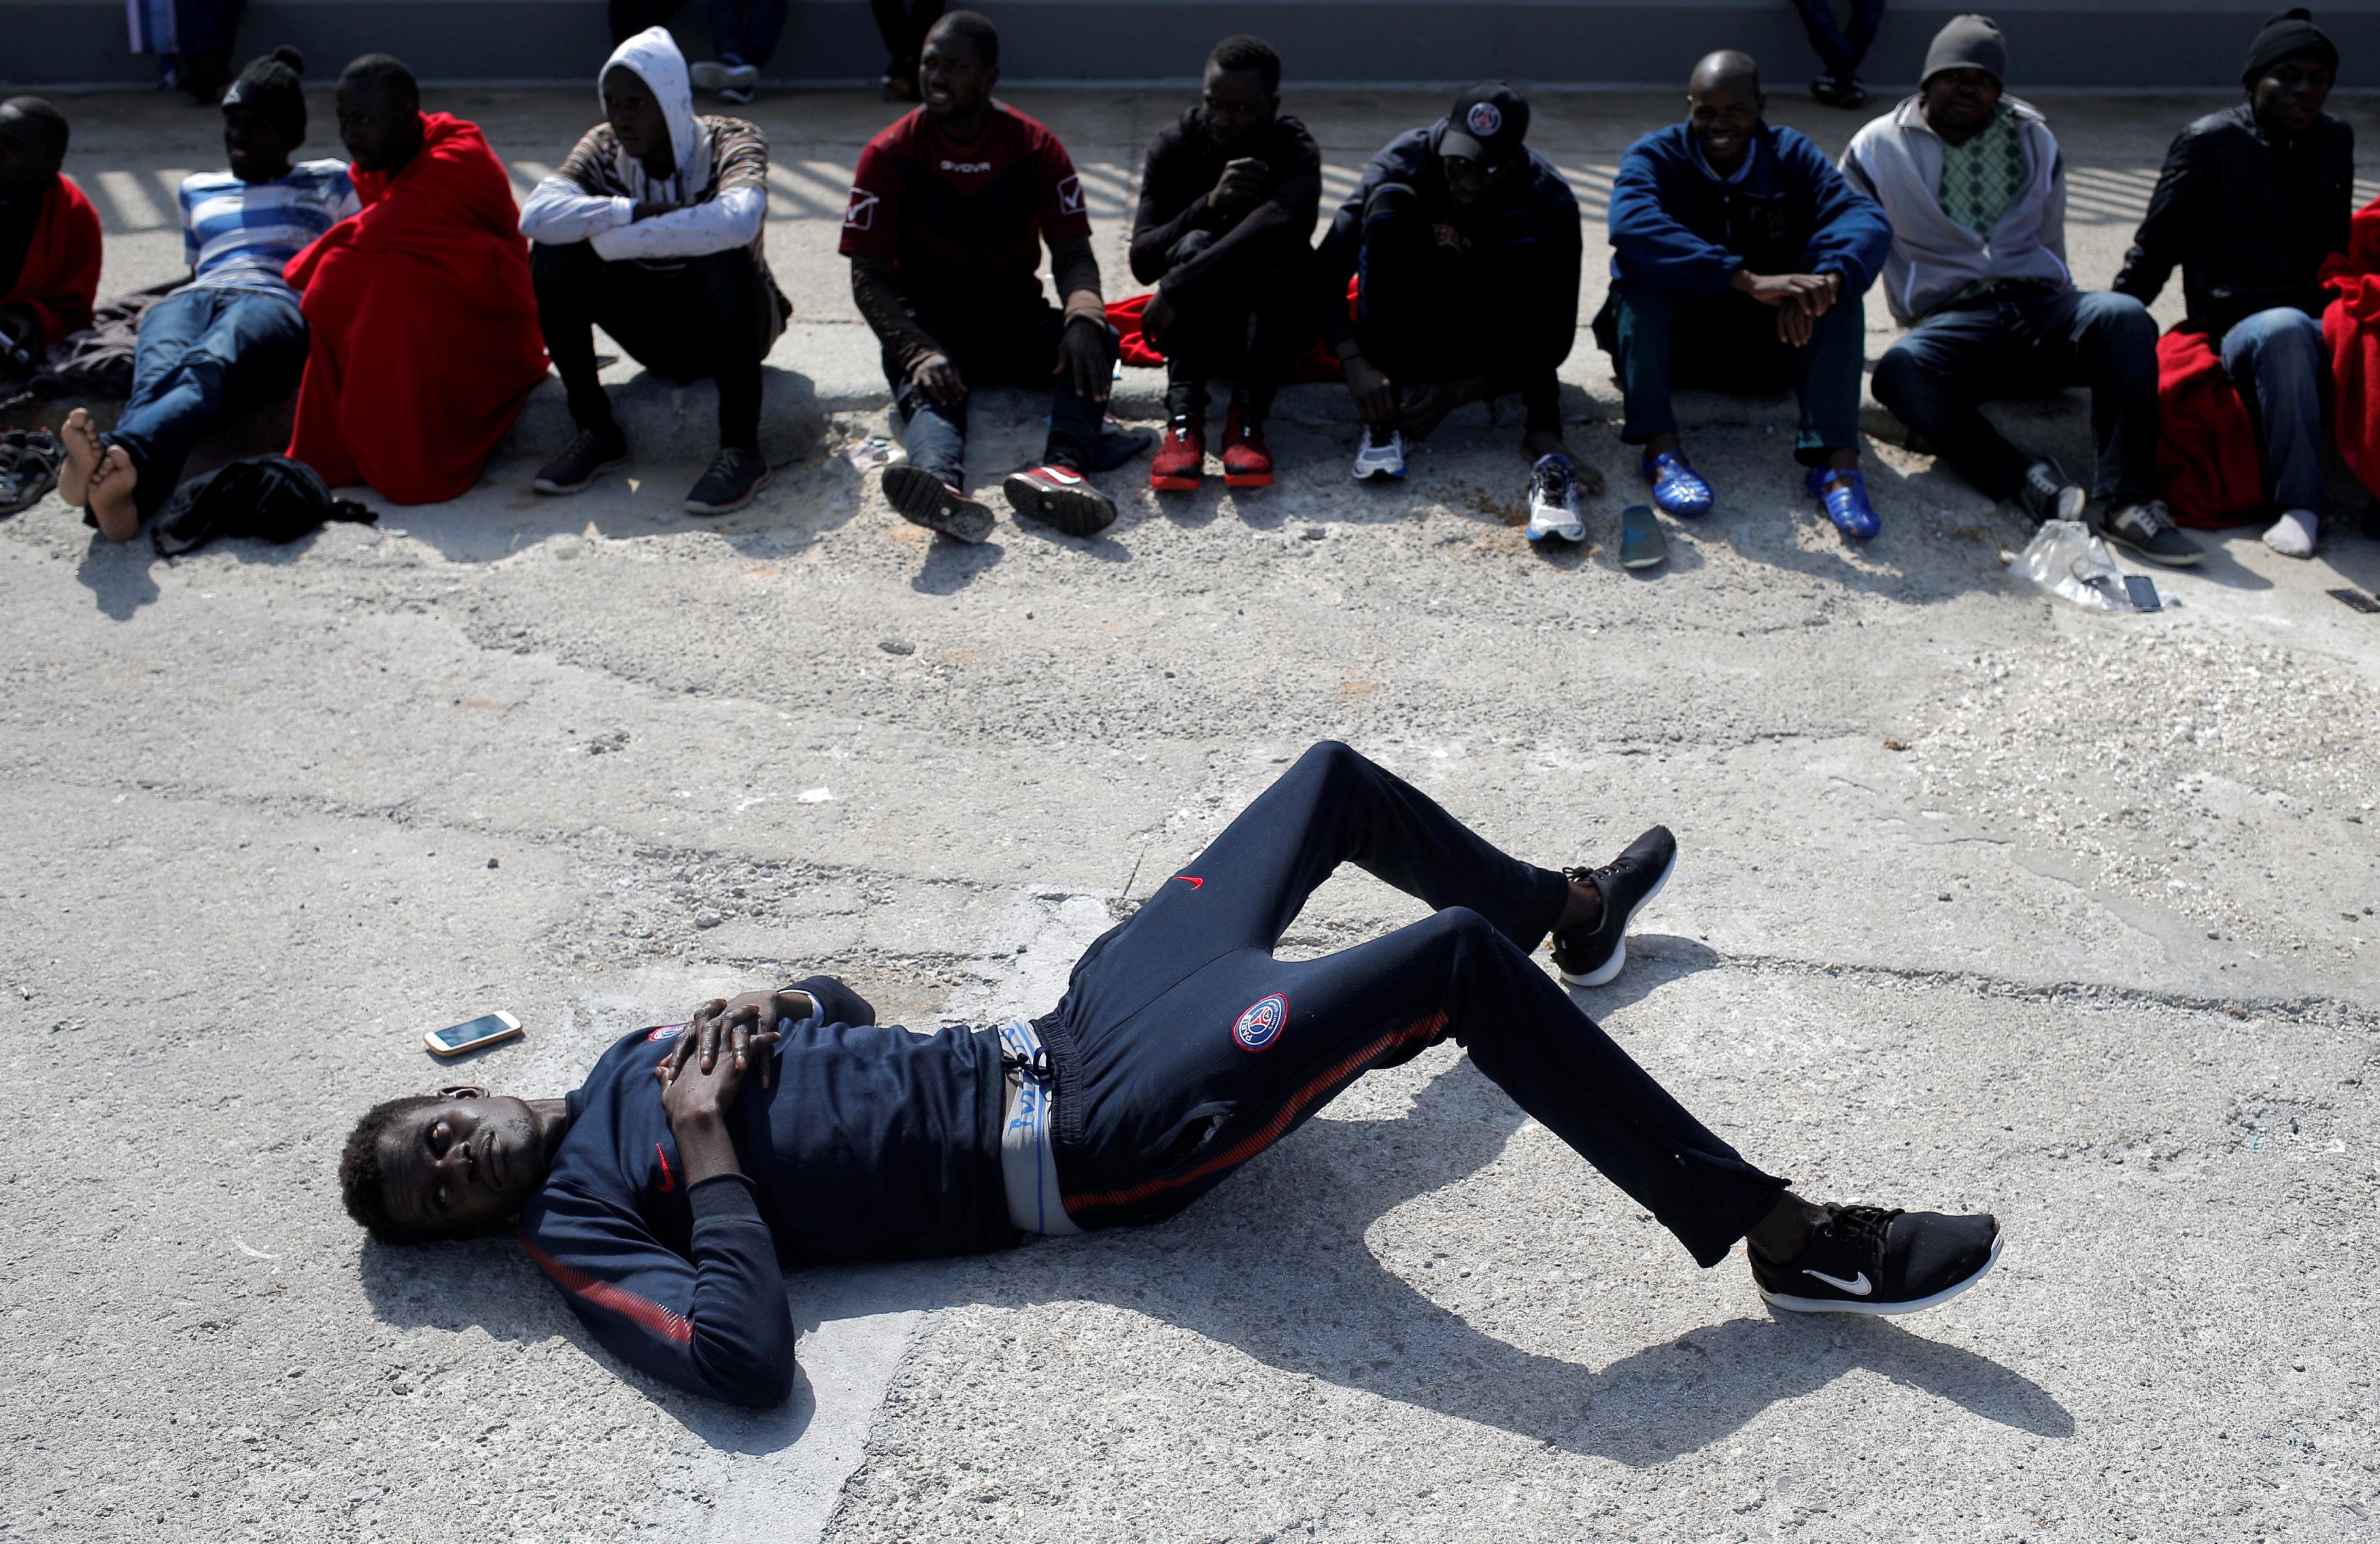 أحد المهاجرين ينام على الارض